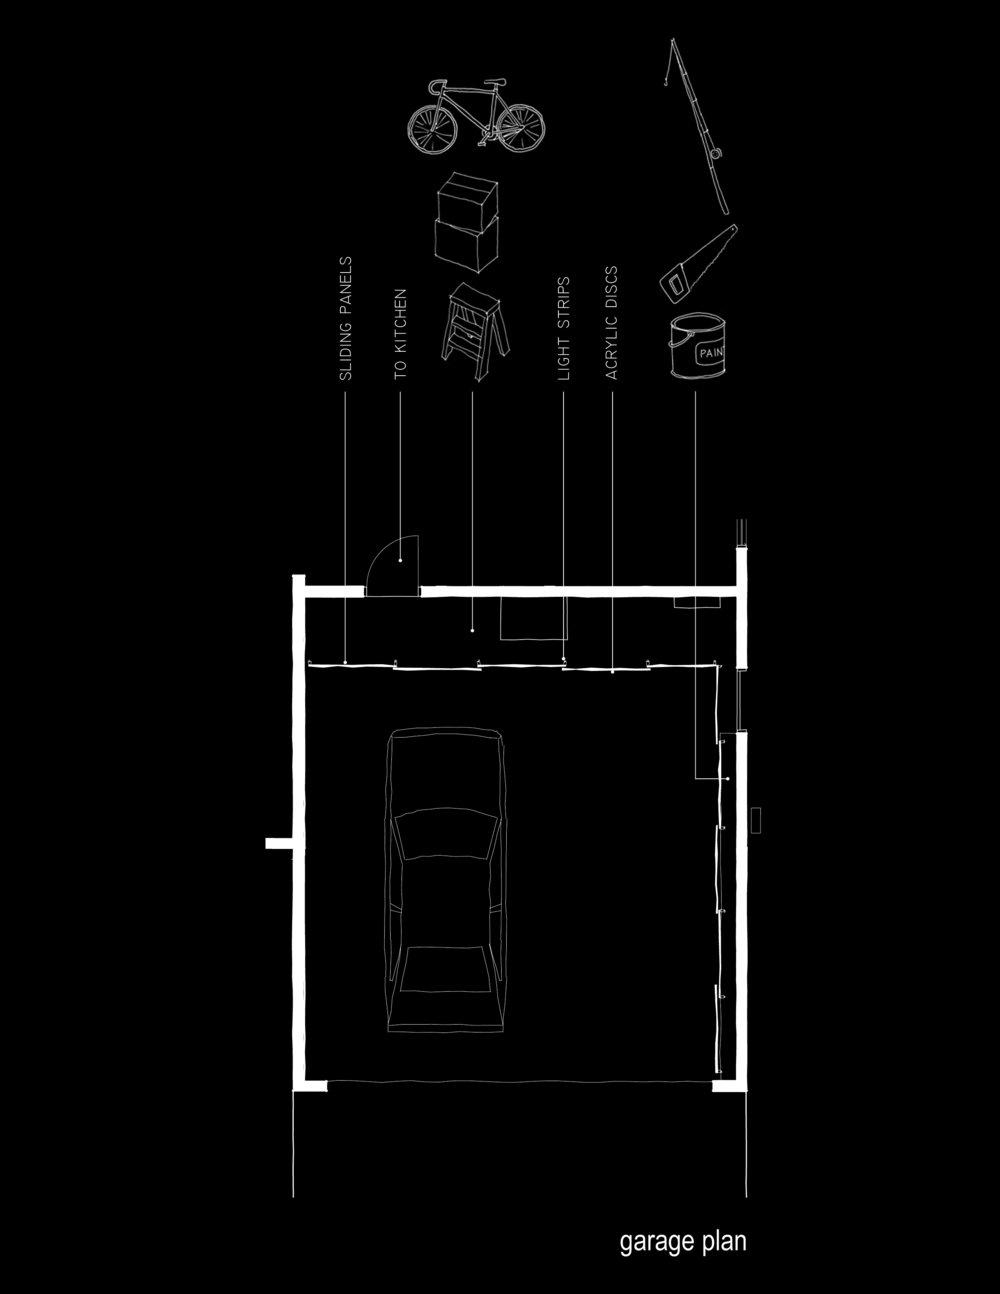 garage plan.jpg